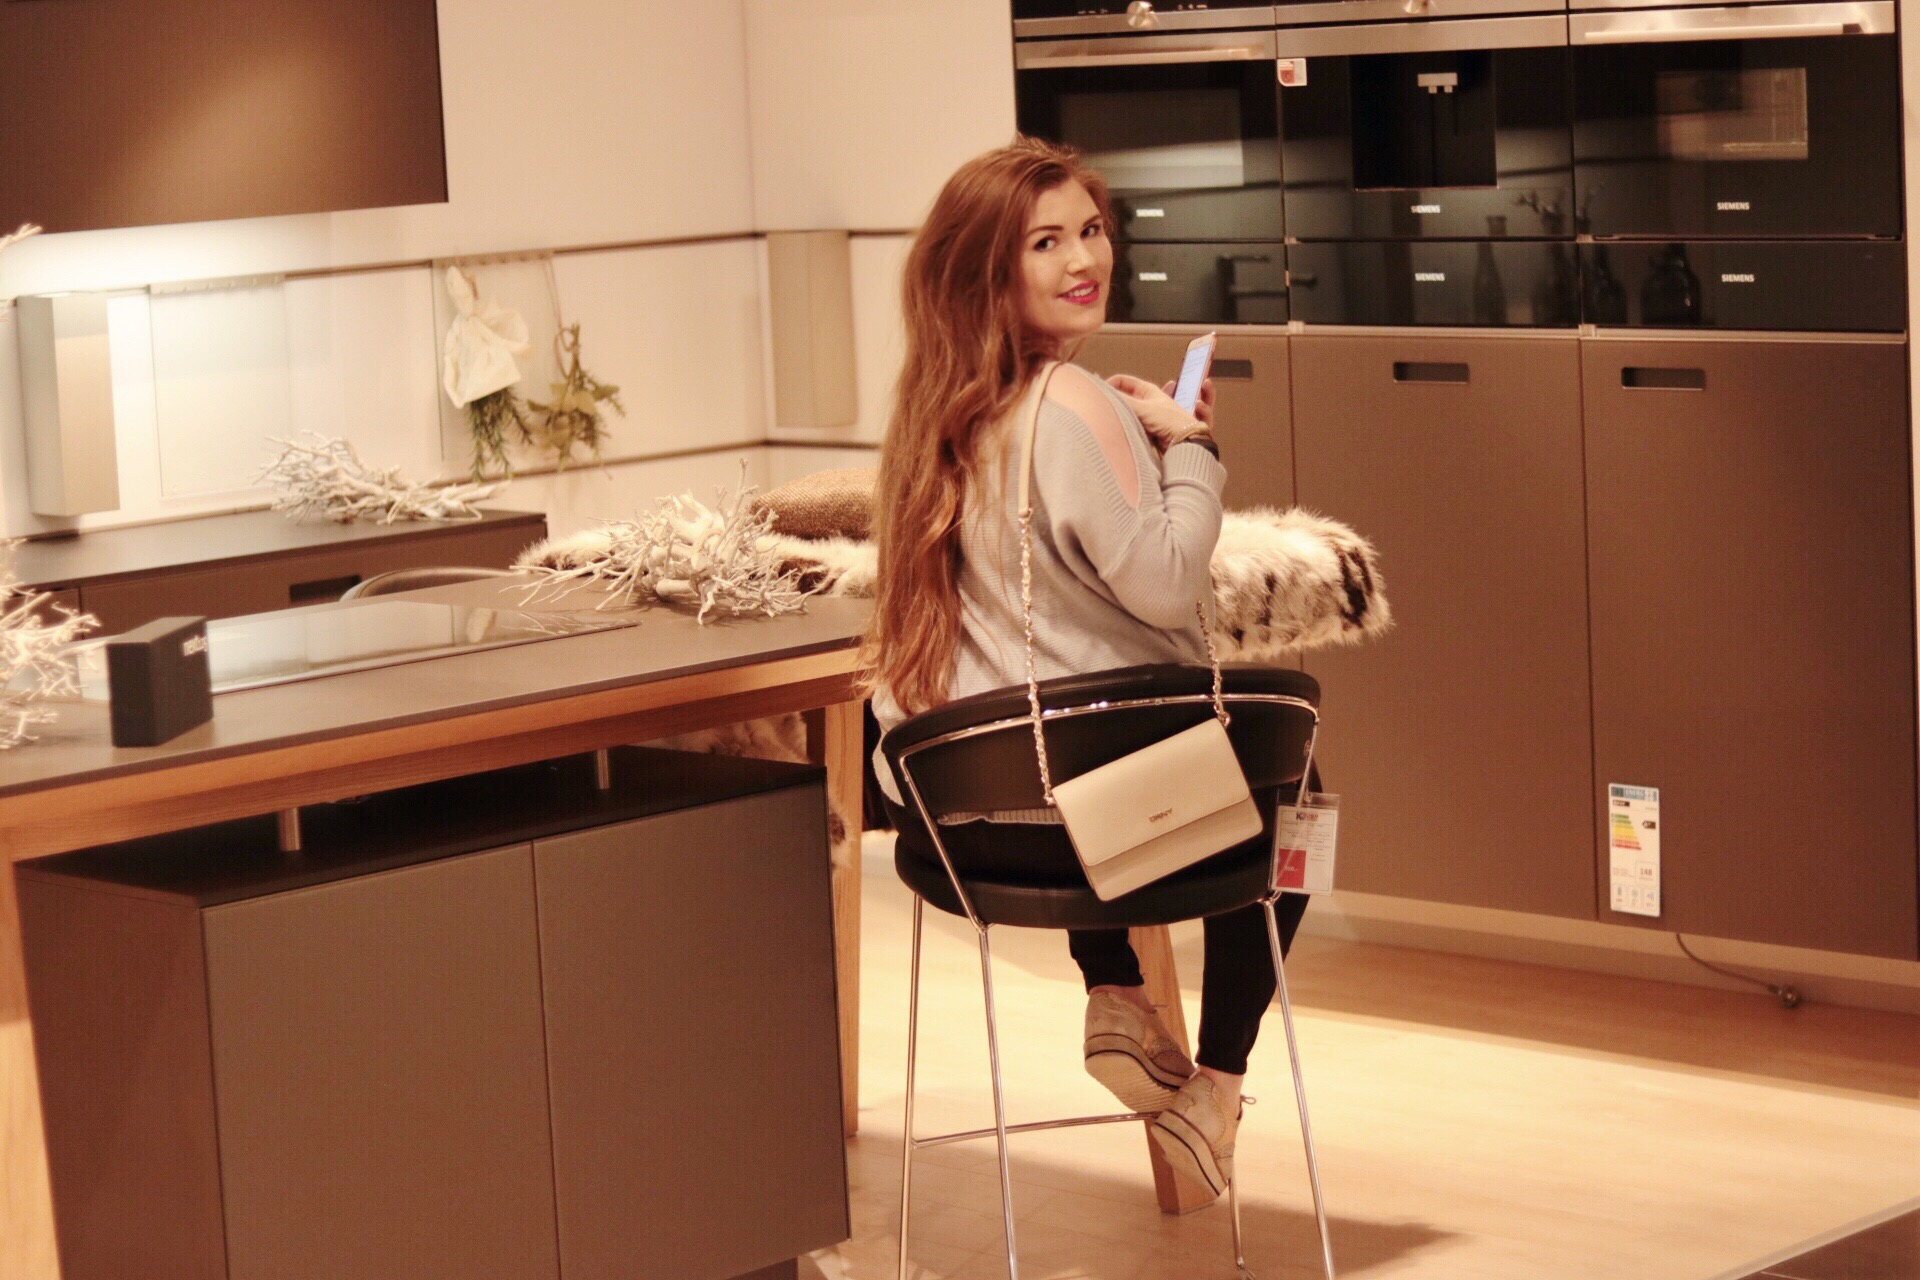 Wir bauen ein Haus! #1 - Unsere Küchen Aktuell Erfahrungen » Ann-Vivien